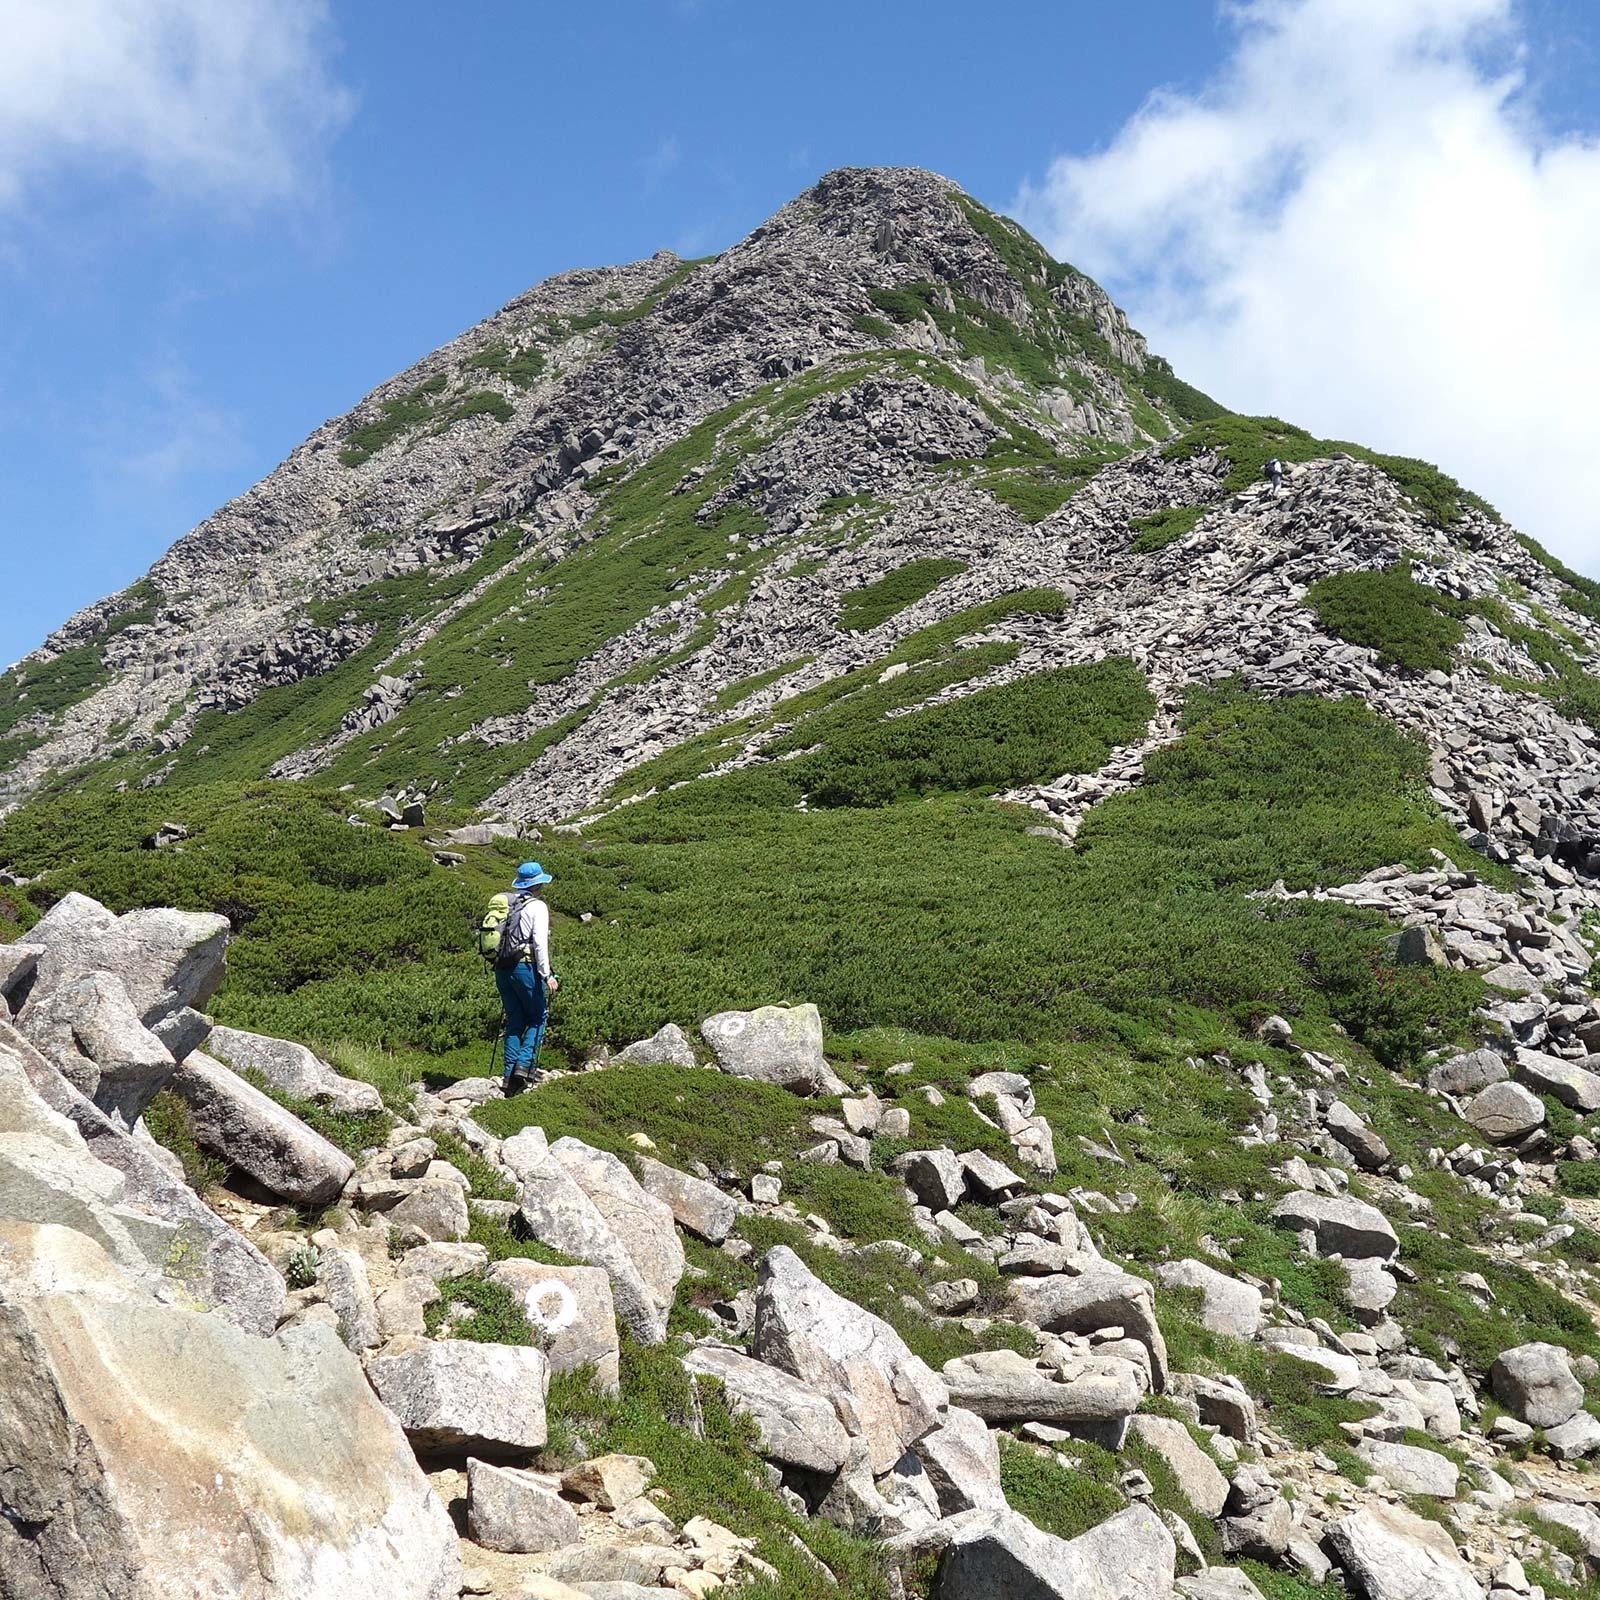 登山百景を見るならこの記事も見て欲しい-お気に入りの山行記事